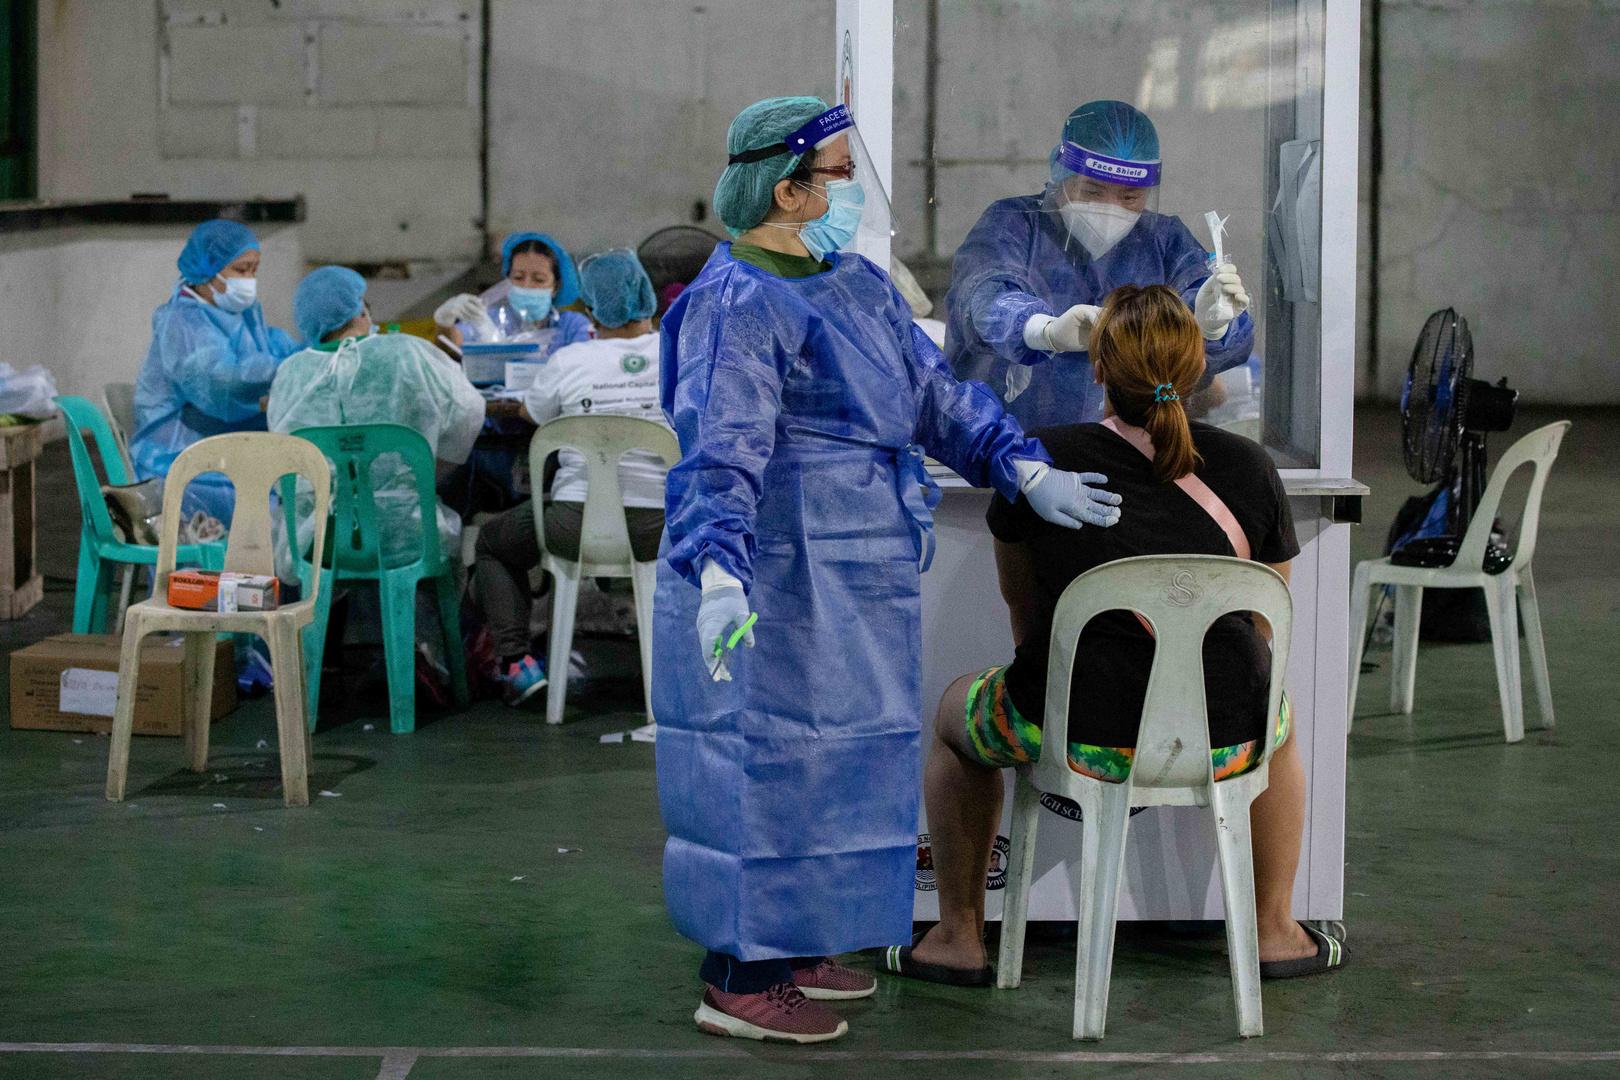 الفلبين تحتل المركز الثاني بعد إندونيسيا من حيث عدد الإصابات بكورونا في جنوب شرق آسيا